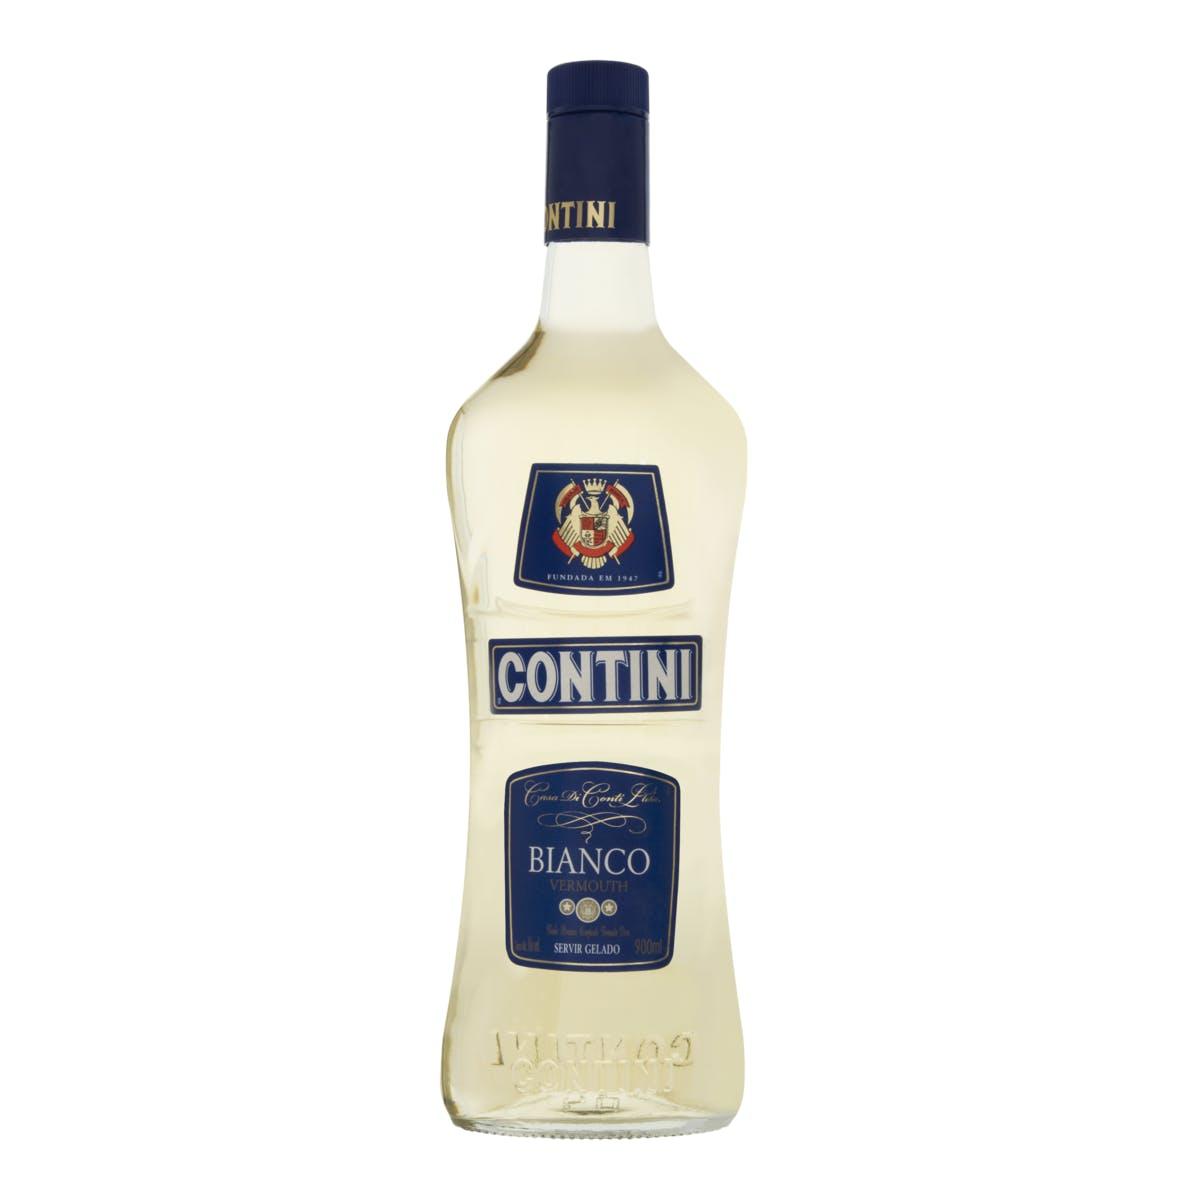 Vinho Branco Doce Vermouth Contini 900ml